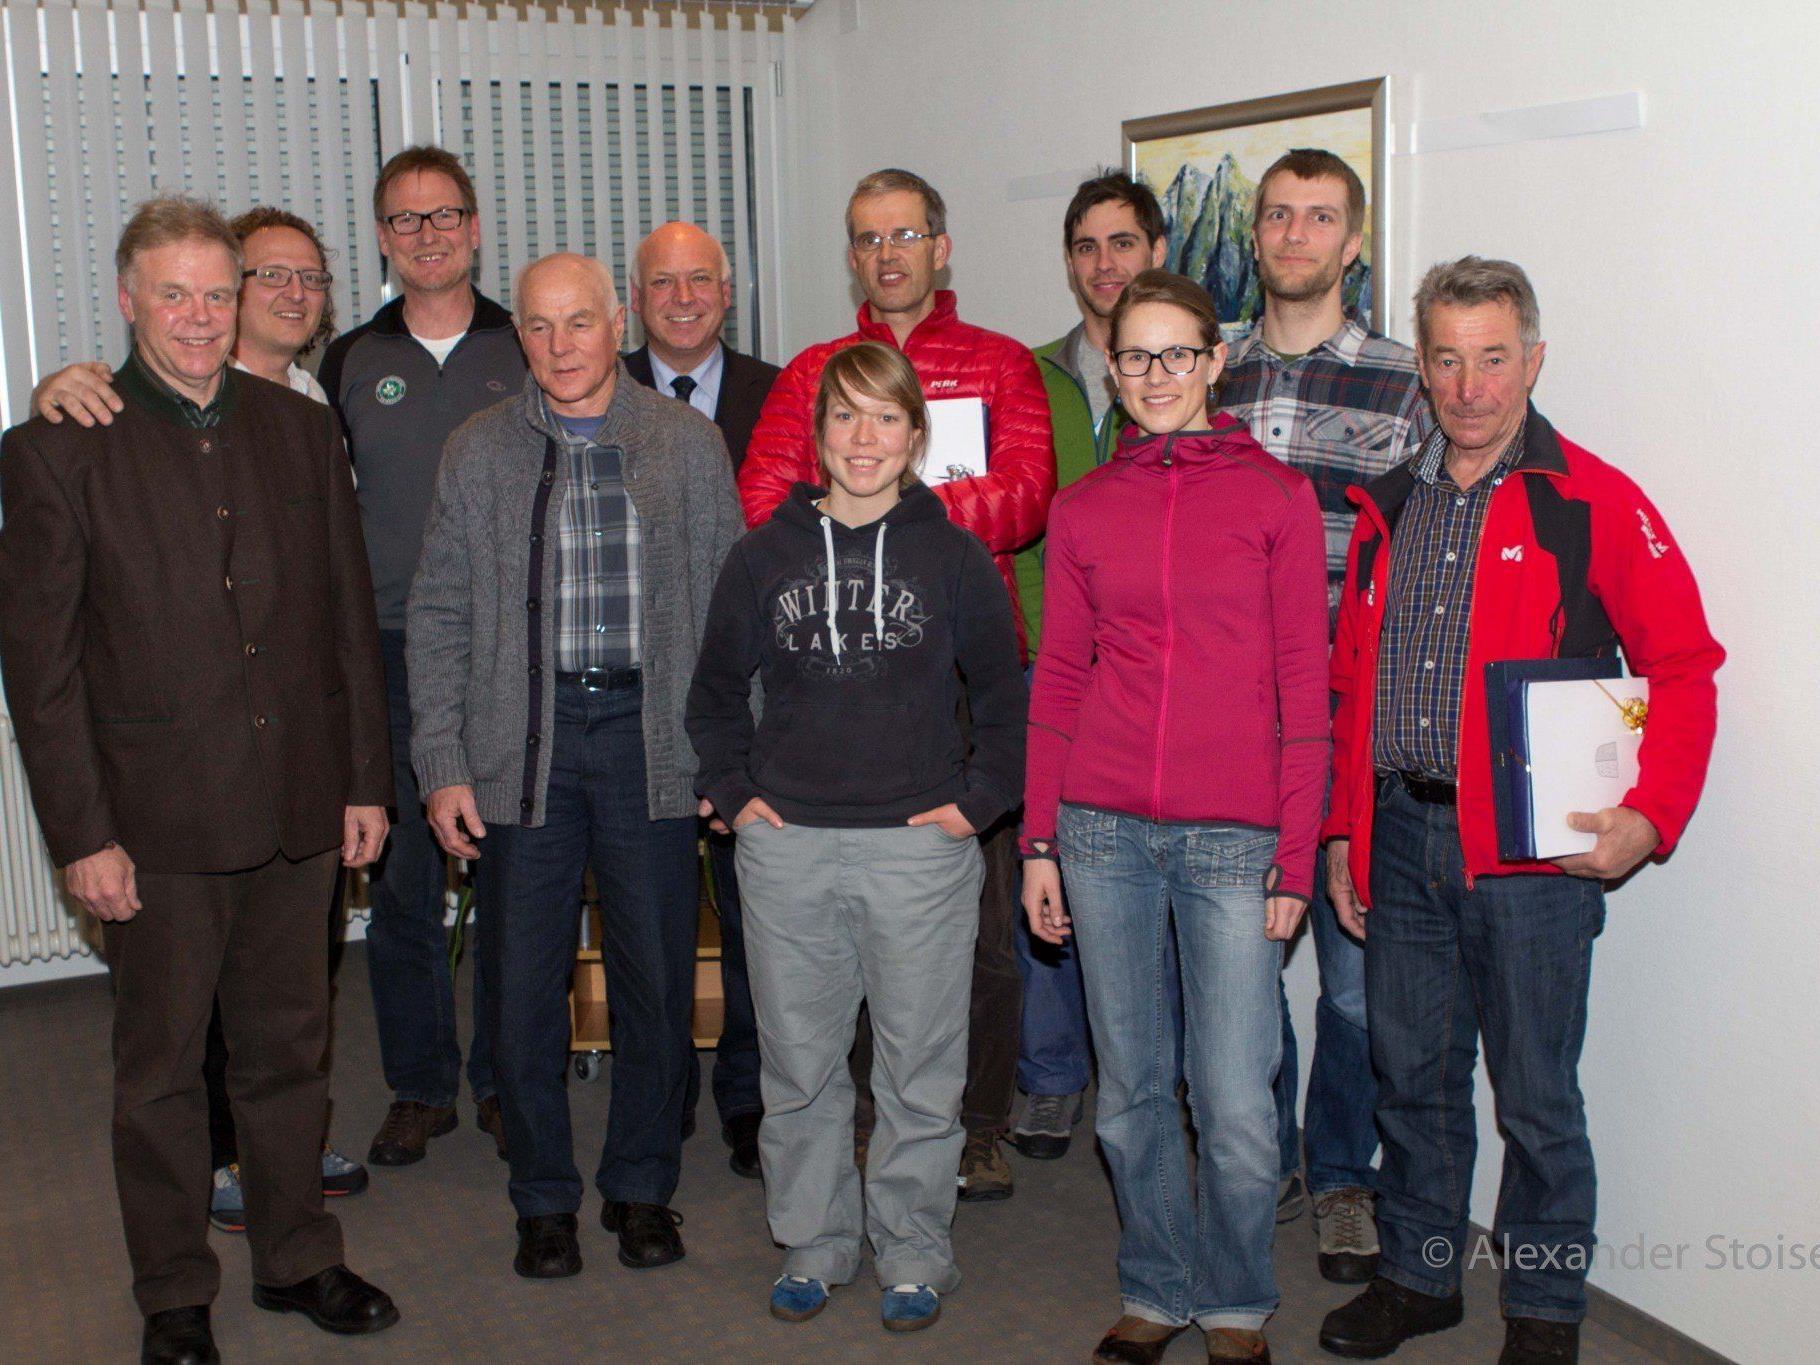 Obmann Bodingbauer und Bürgermeister Wachter mit den neu aufgenommenen und geehrten Mitgliedern der Ortsstelle Vandans